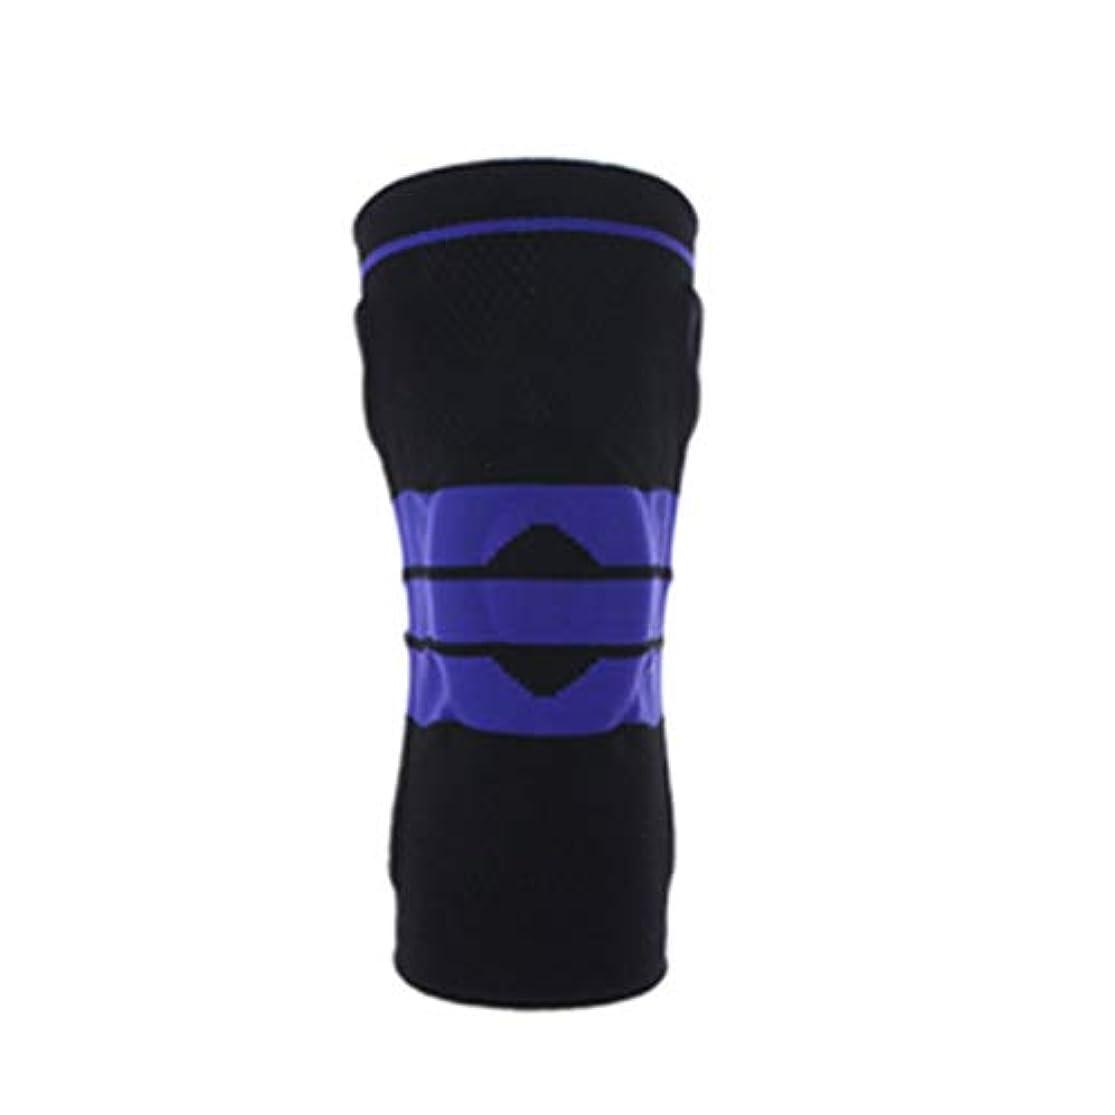 胆嚢算術栄光の男性と女性のスポーツ膝パッドシリコーンスプリングニット膝パッドバスケットボール-Rustle666